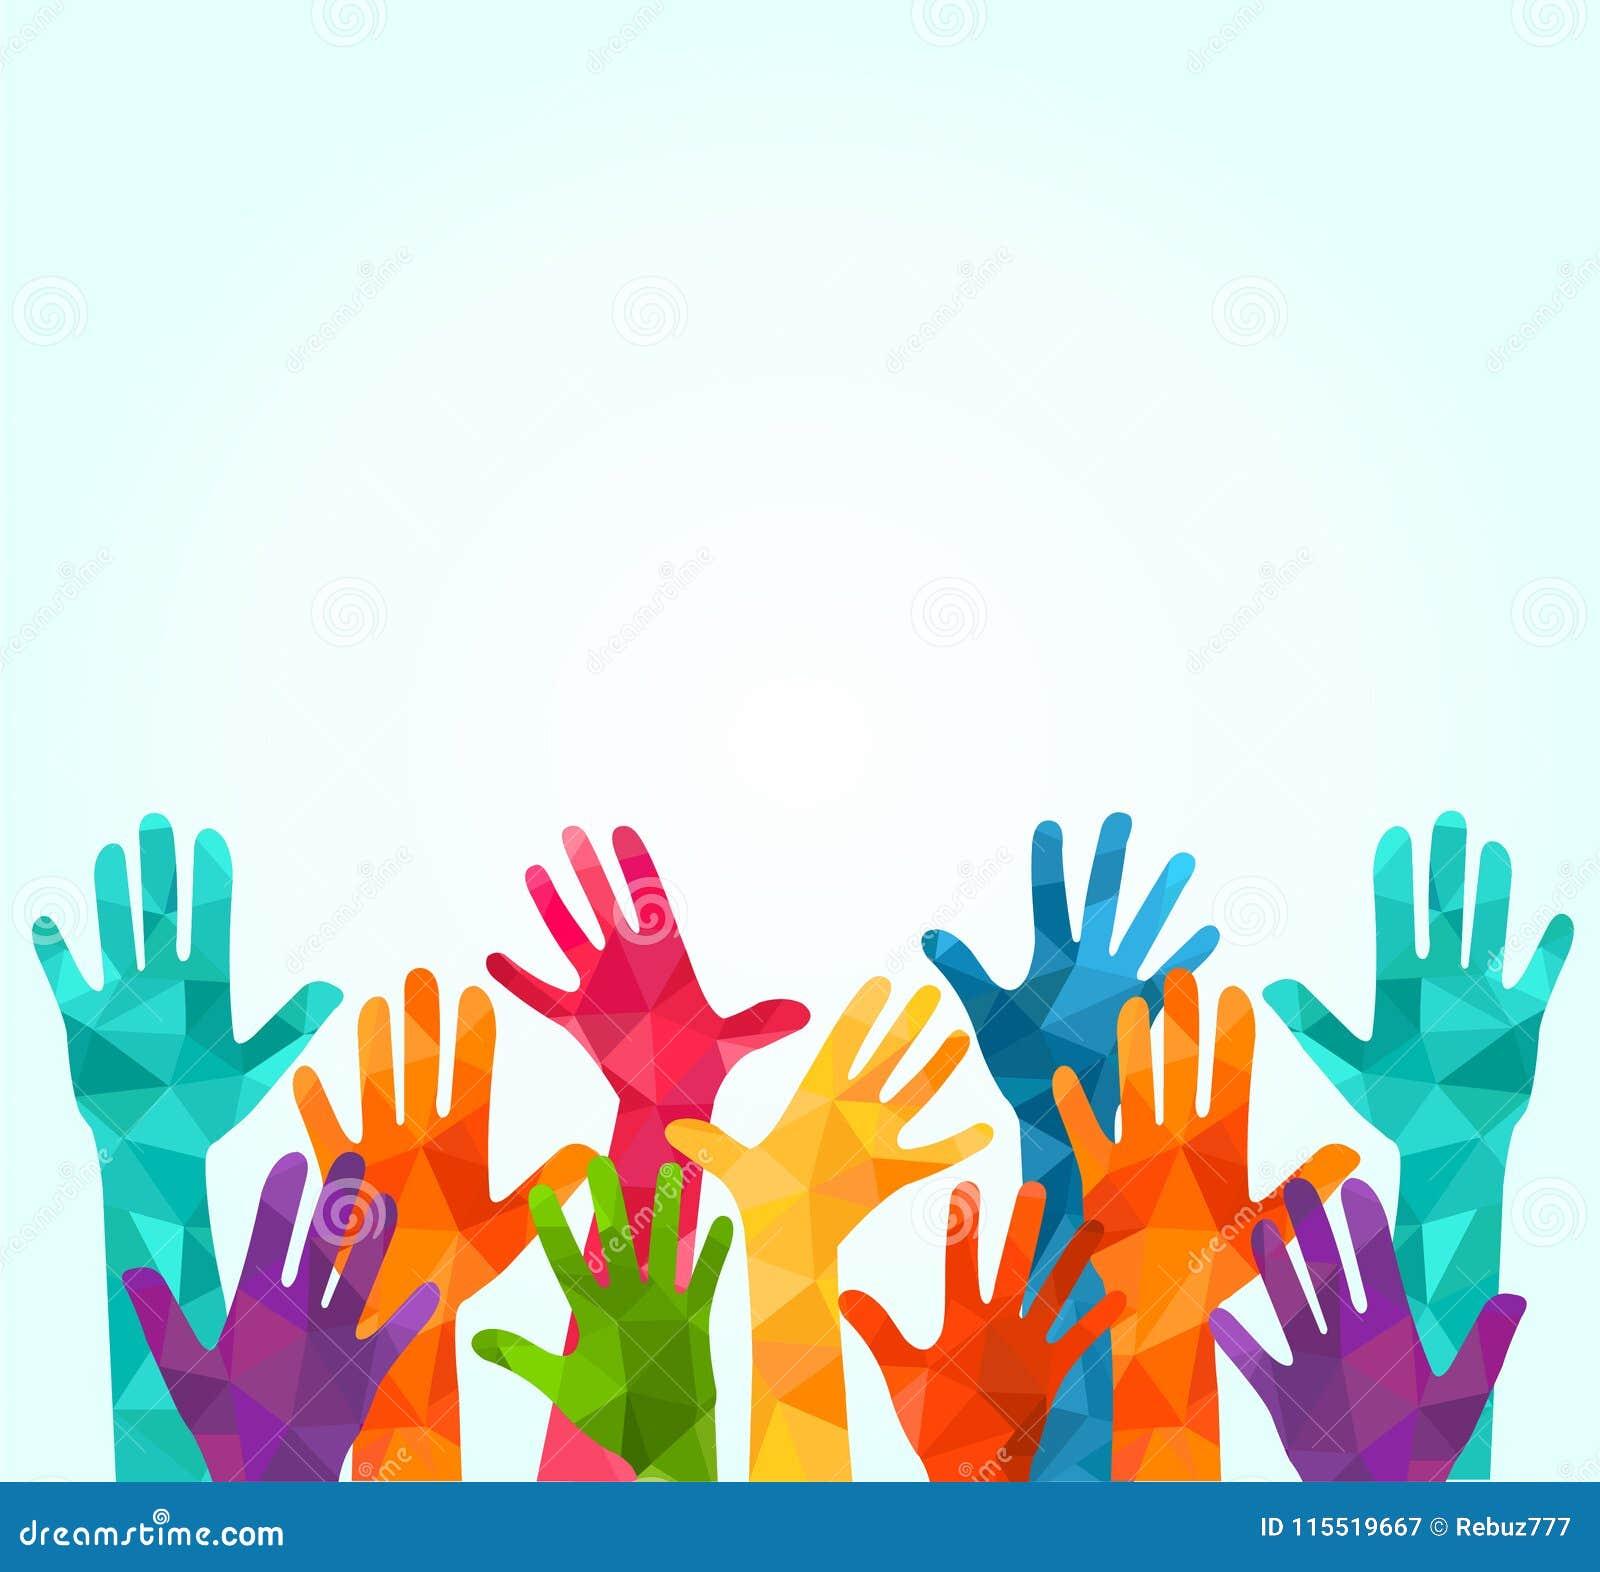 цветастые руки вверх Vector иллюстрация, celation associers, единство, партнеры, компания, приятельство, предпосылка Volunteebr д